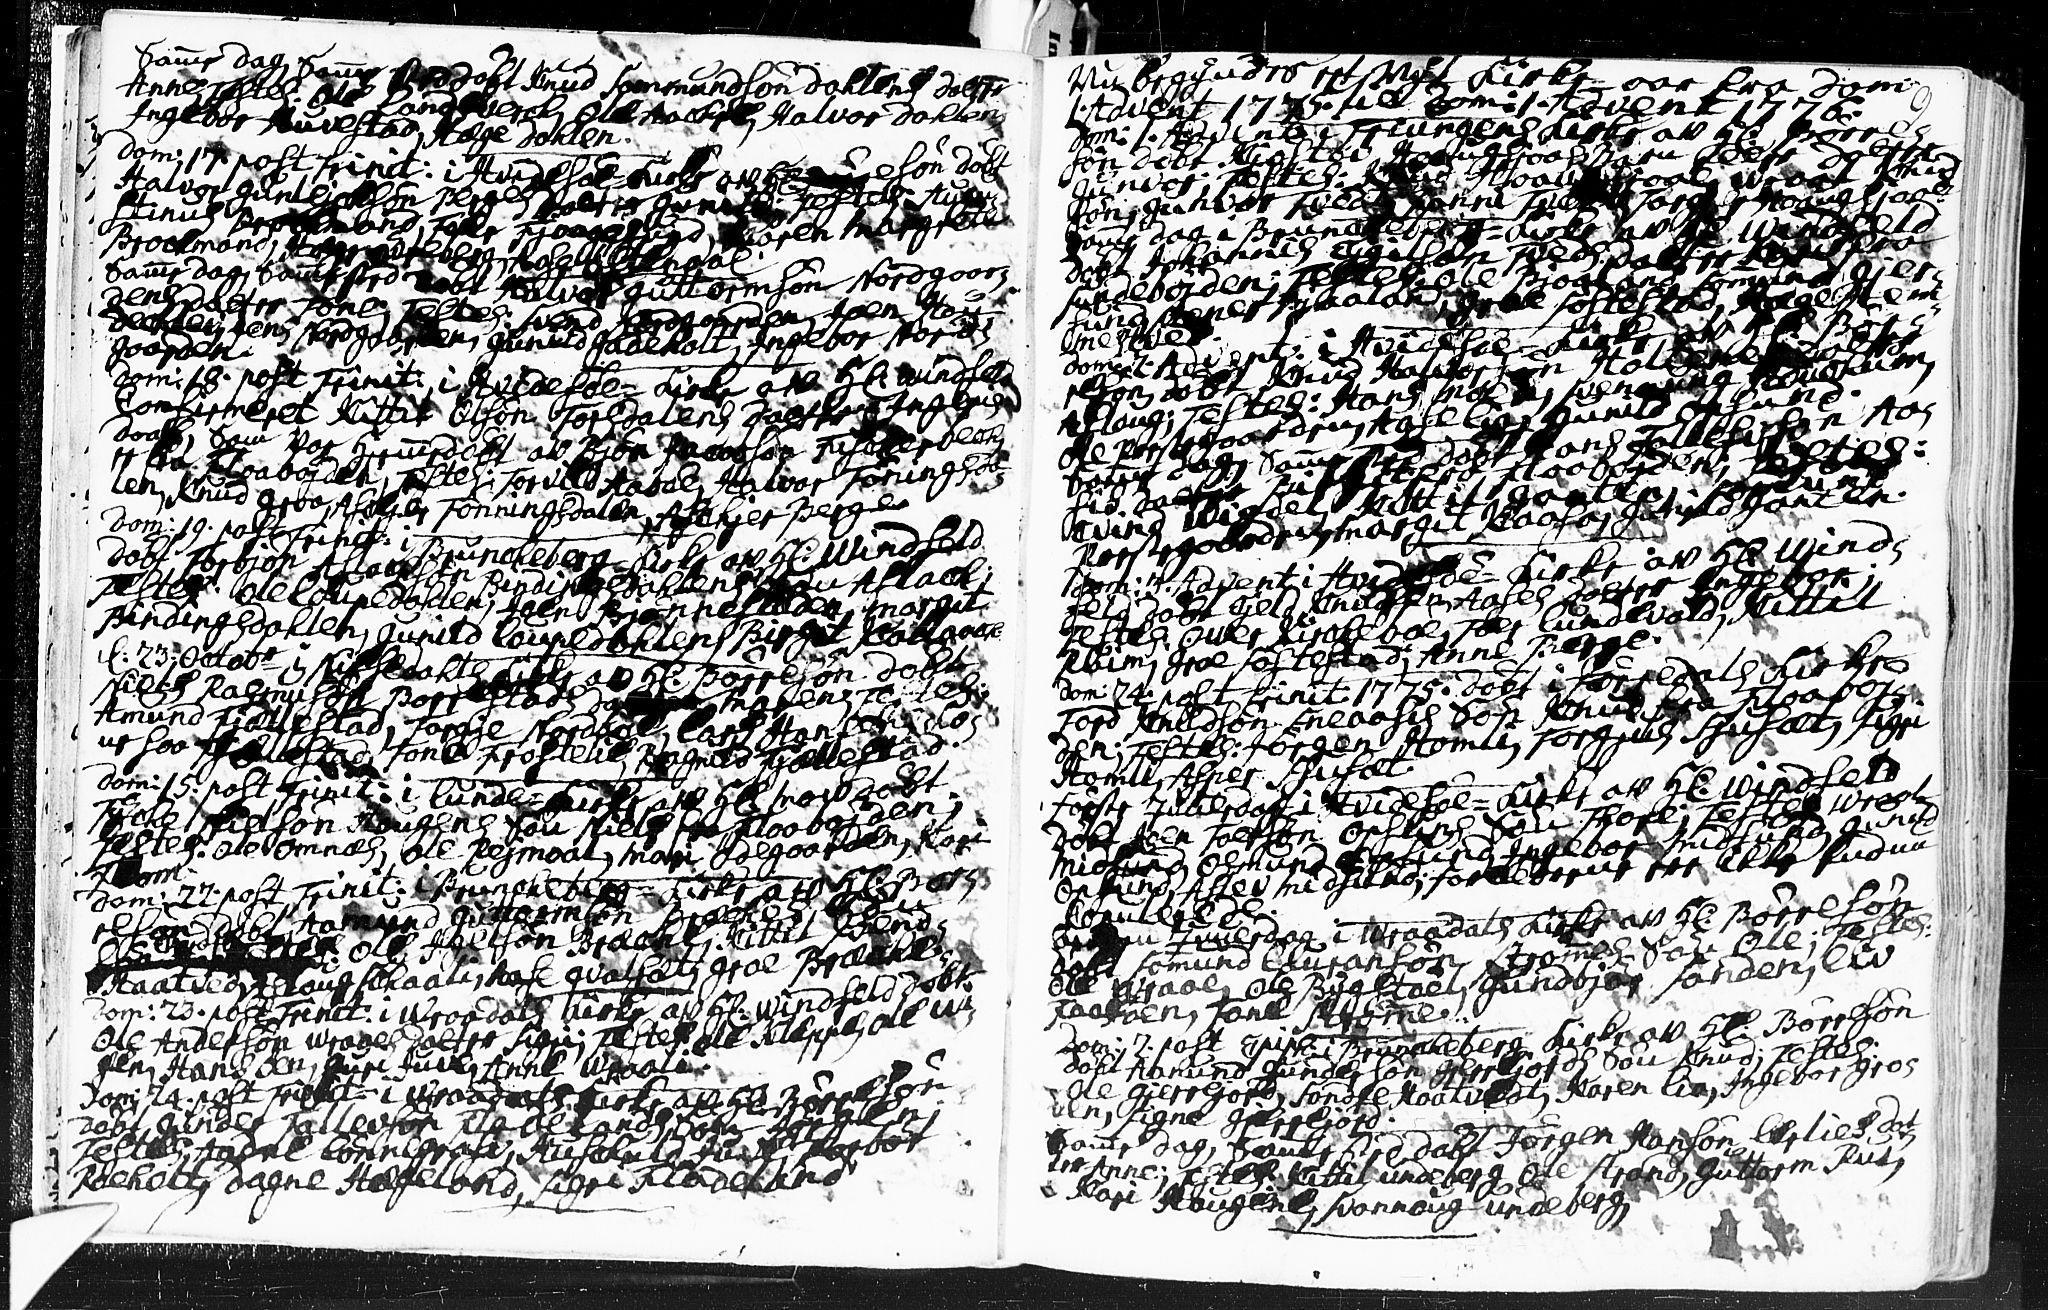 SAKO, Kviteseid kirkebøker, F/Fa/L0002: Ministerialbok nr. I 2, 1773-1786, s. 9